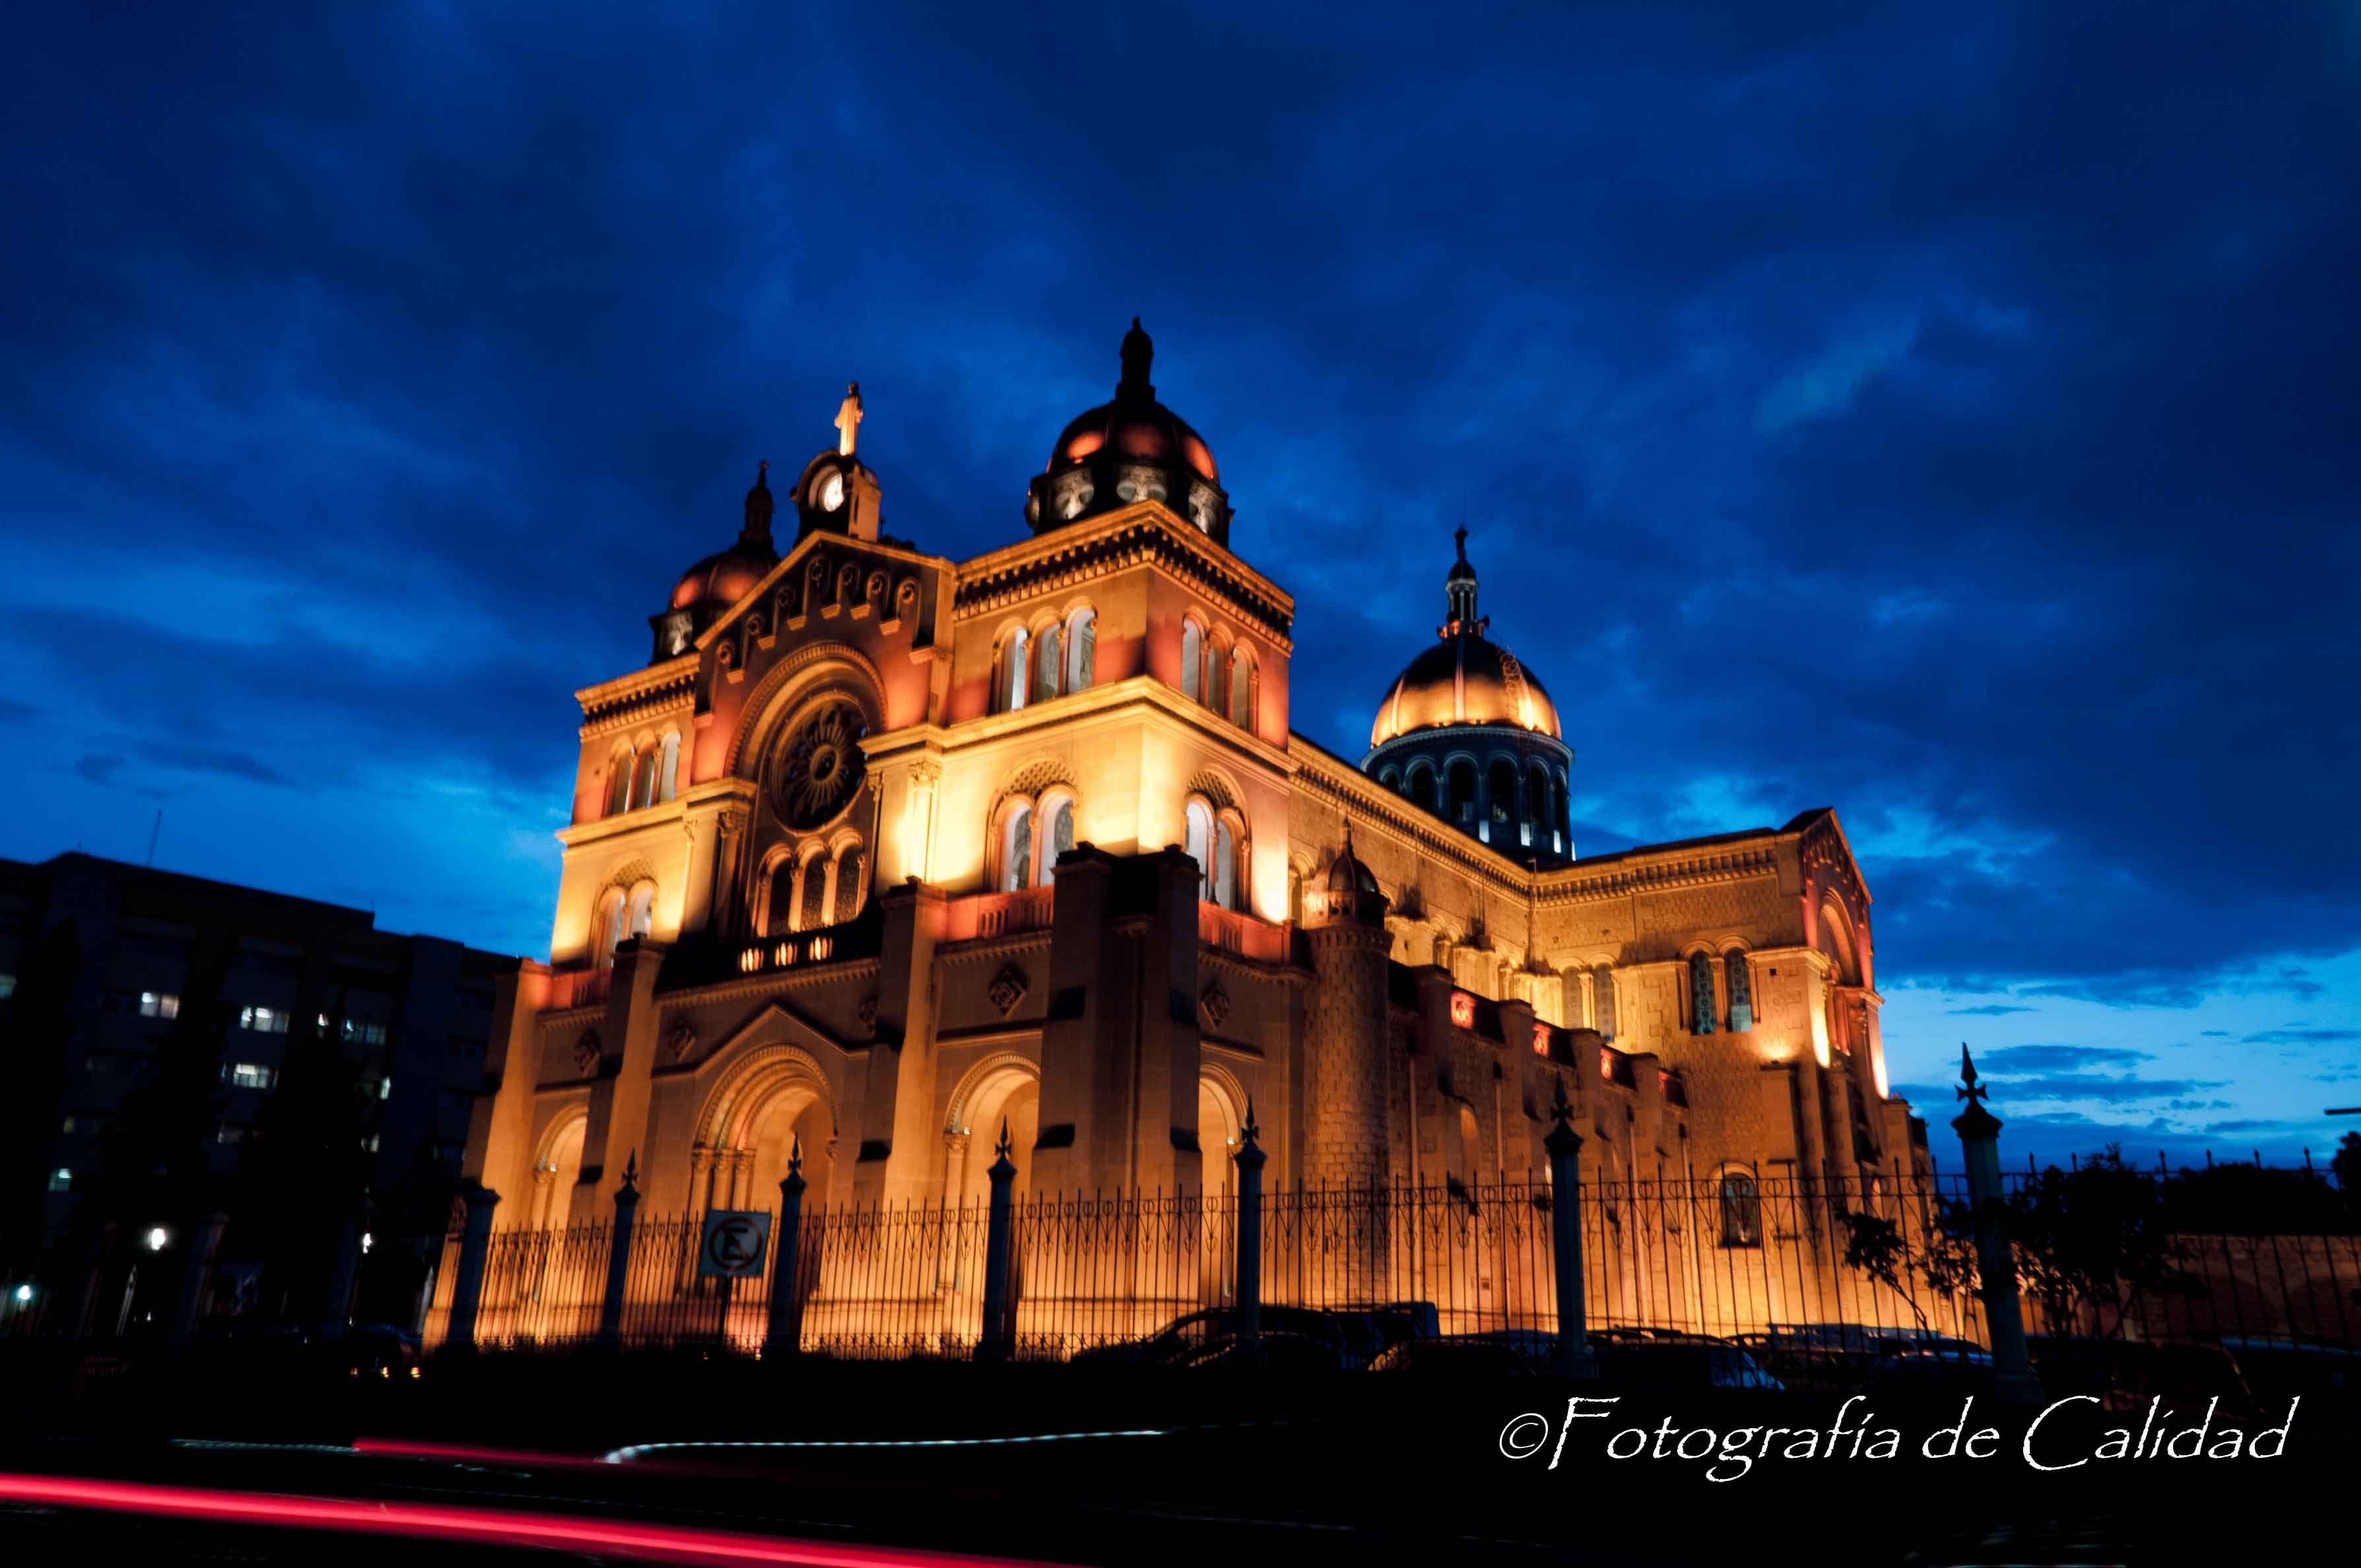 Templo Del Sagrado Corazon De Jesus Durango Dgo Mx Sagrado Corazon De Jesus Arquitectura Pintoresco